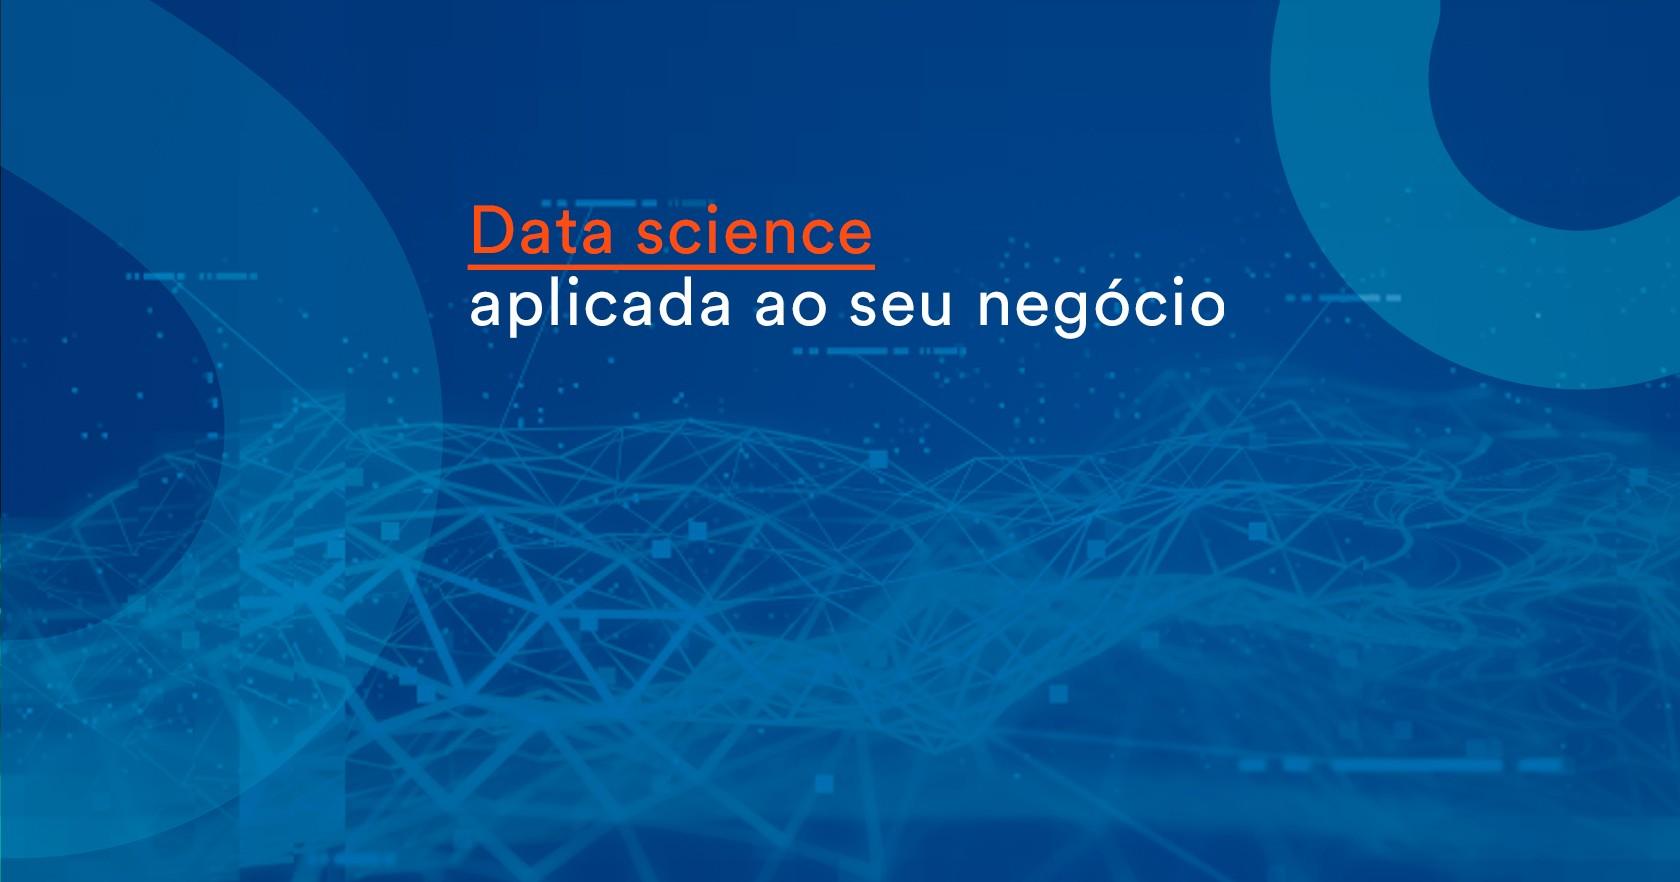 Data science aplicada ao seu negócio